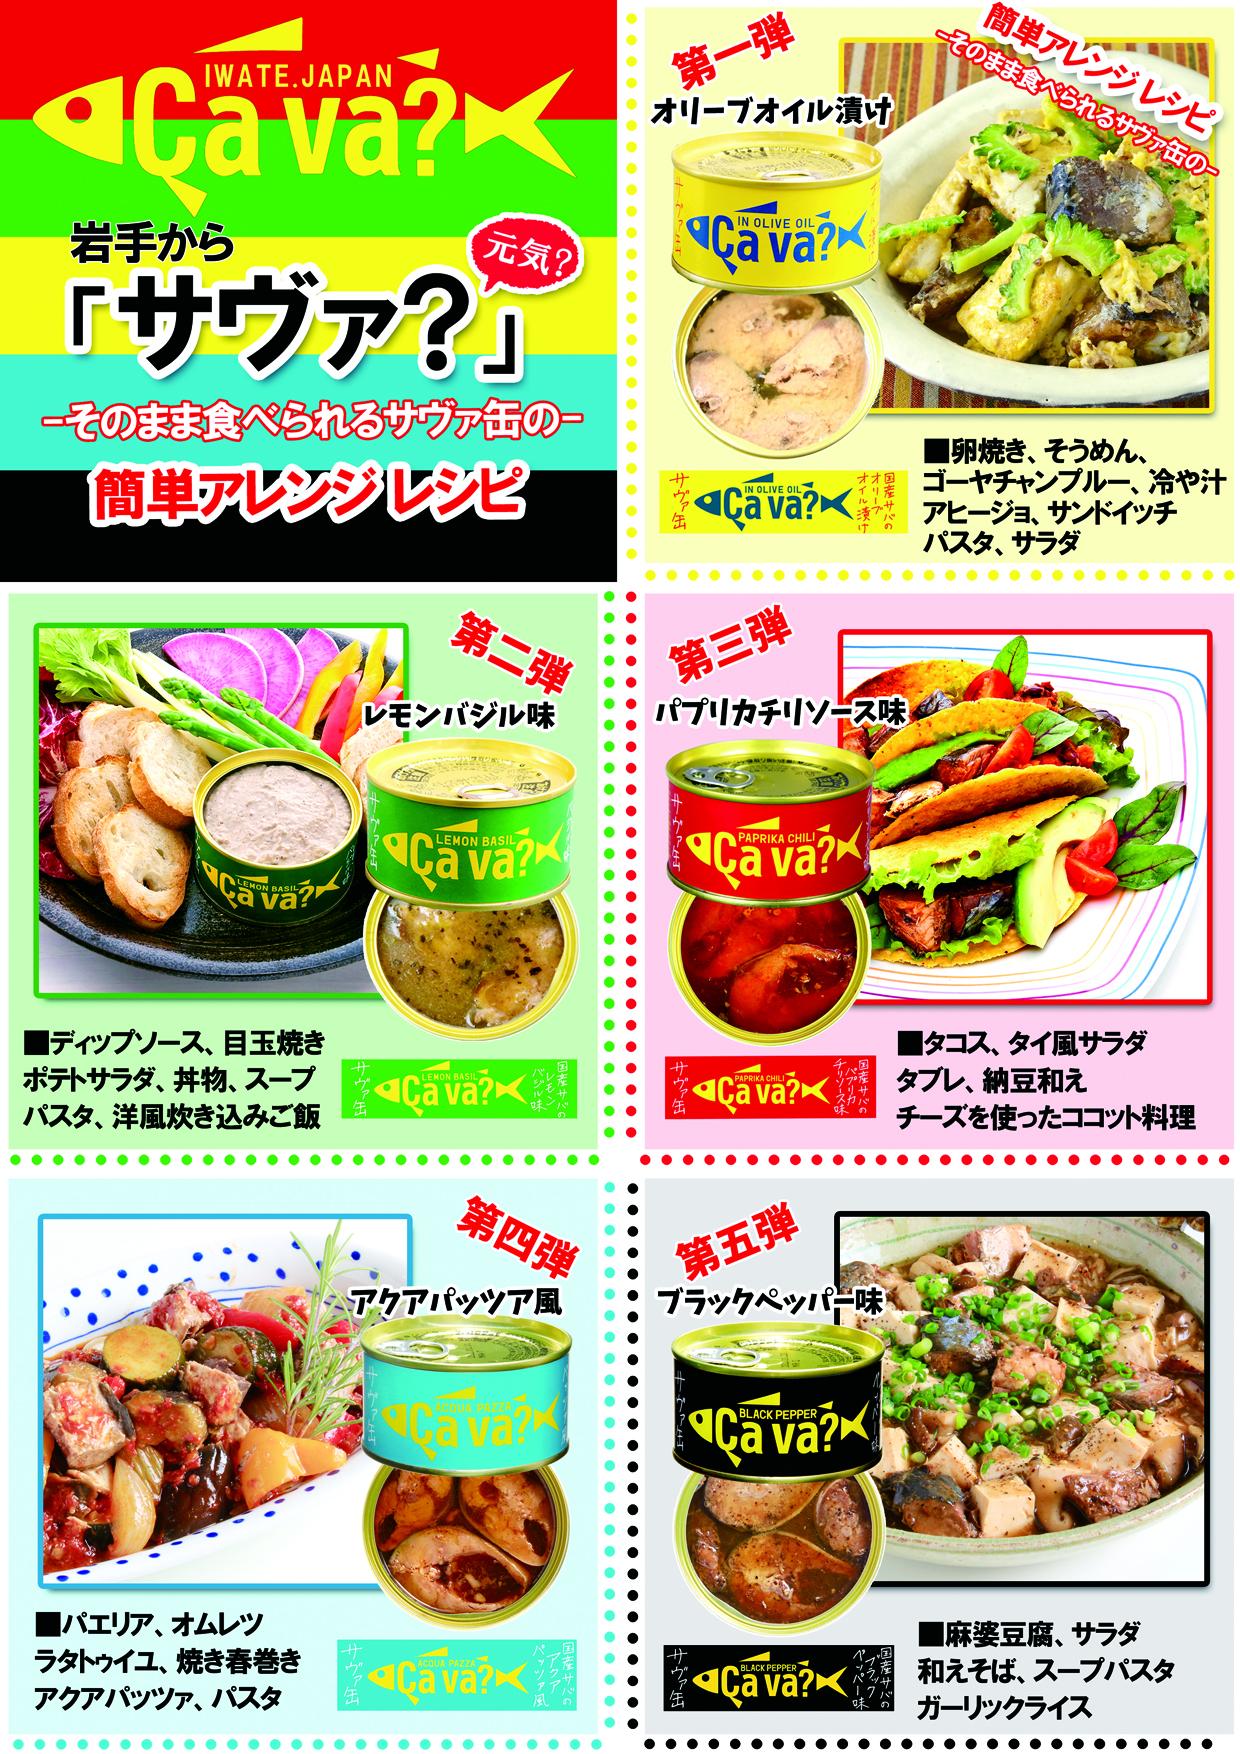 [岩手]サヴァ缶 国産サバのパプリカチリソース味の商品画像 (2)